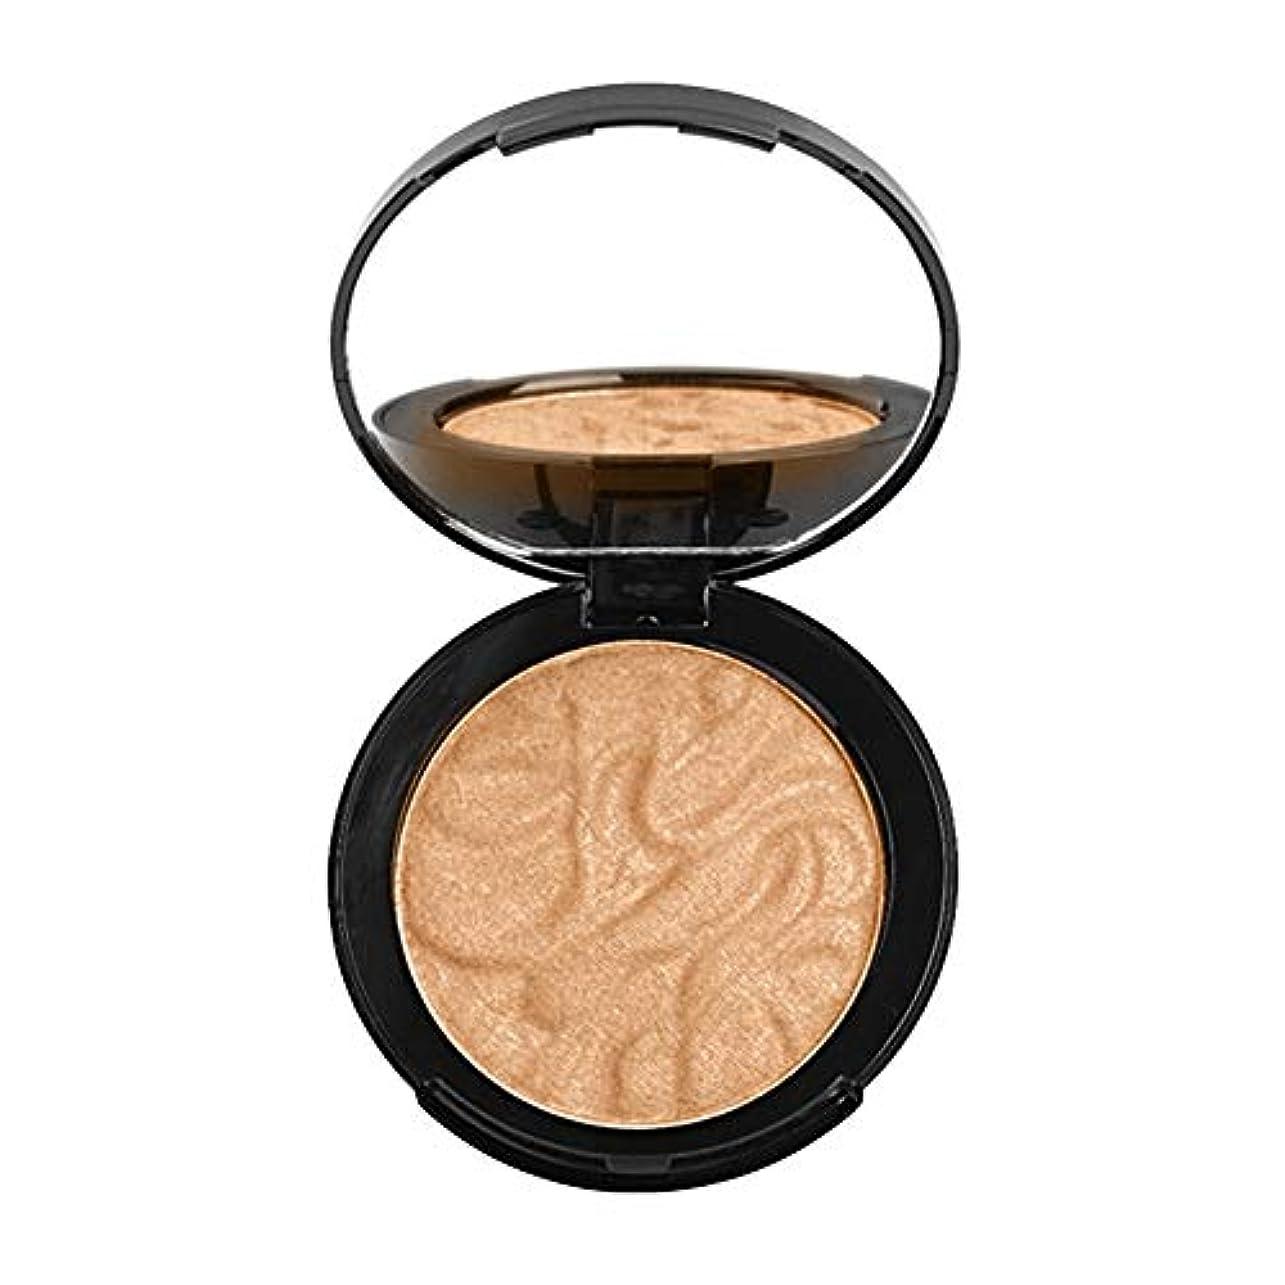 バイオレットセージ一定フェイシャルハイライトパウダー 4色のオプション 適用が簡単 長持ち 化粧品パウダー 照明または陰影のある輪郭に最適 化粧 加えること容易 自然で長続き 化粧品 陰影 輪郭(4#)